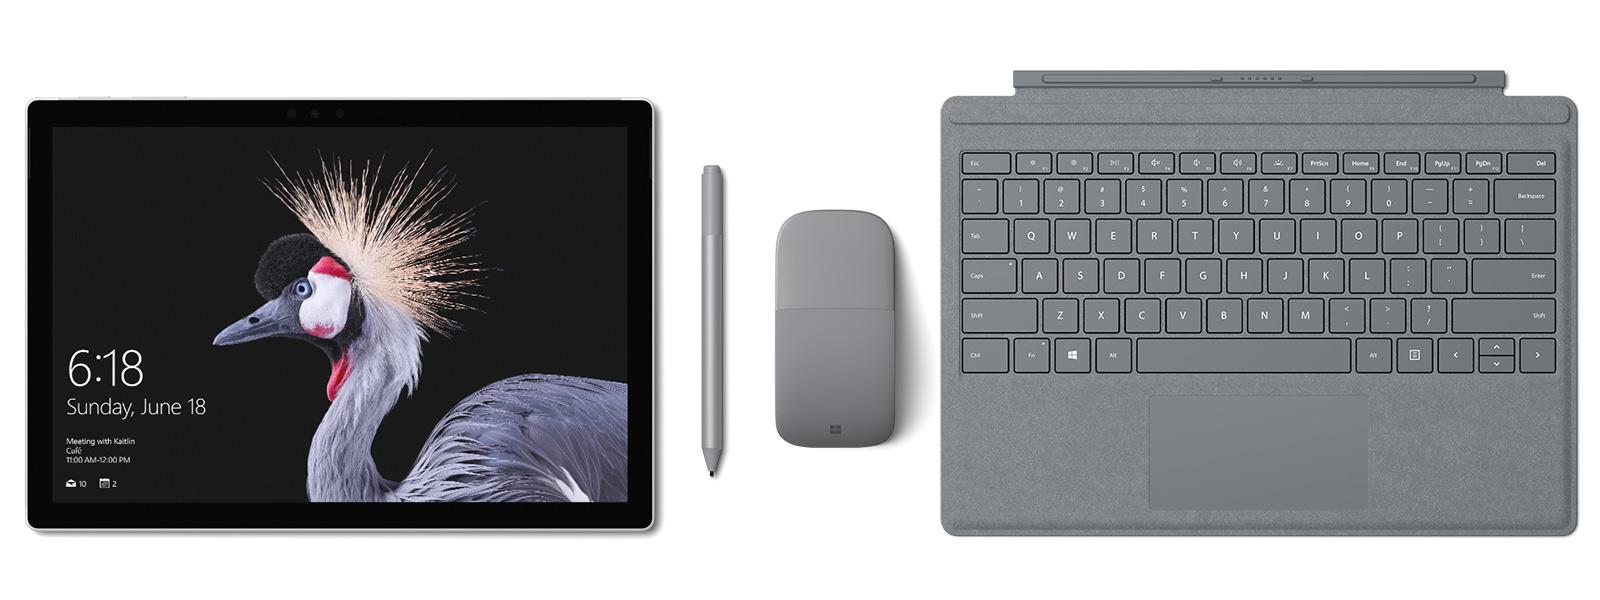 Bilde av Surface Pro med Surface Pro Signature Type Cover, Surface-penn og Surface Arc Mouse i platinafarge. Surface-penn følger med.